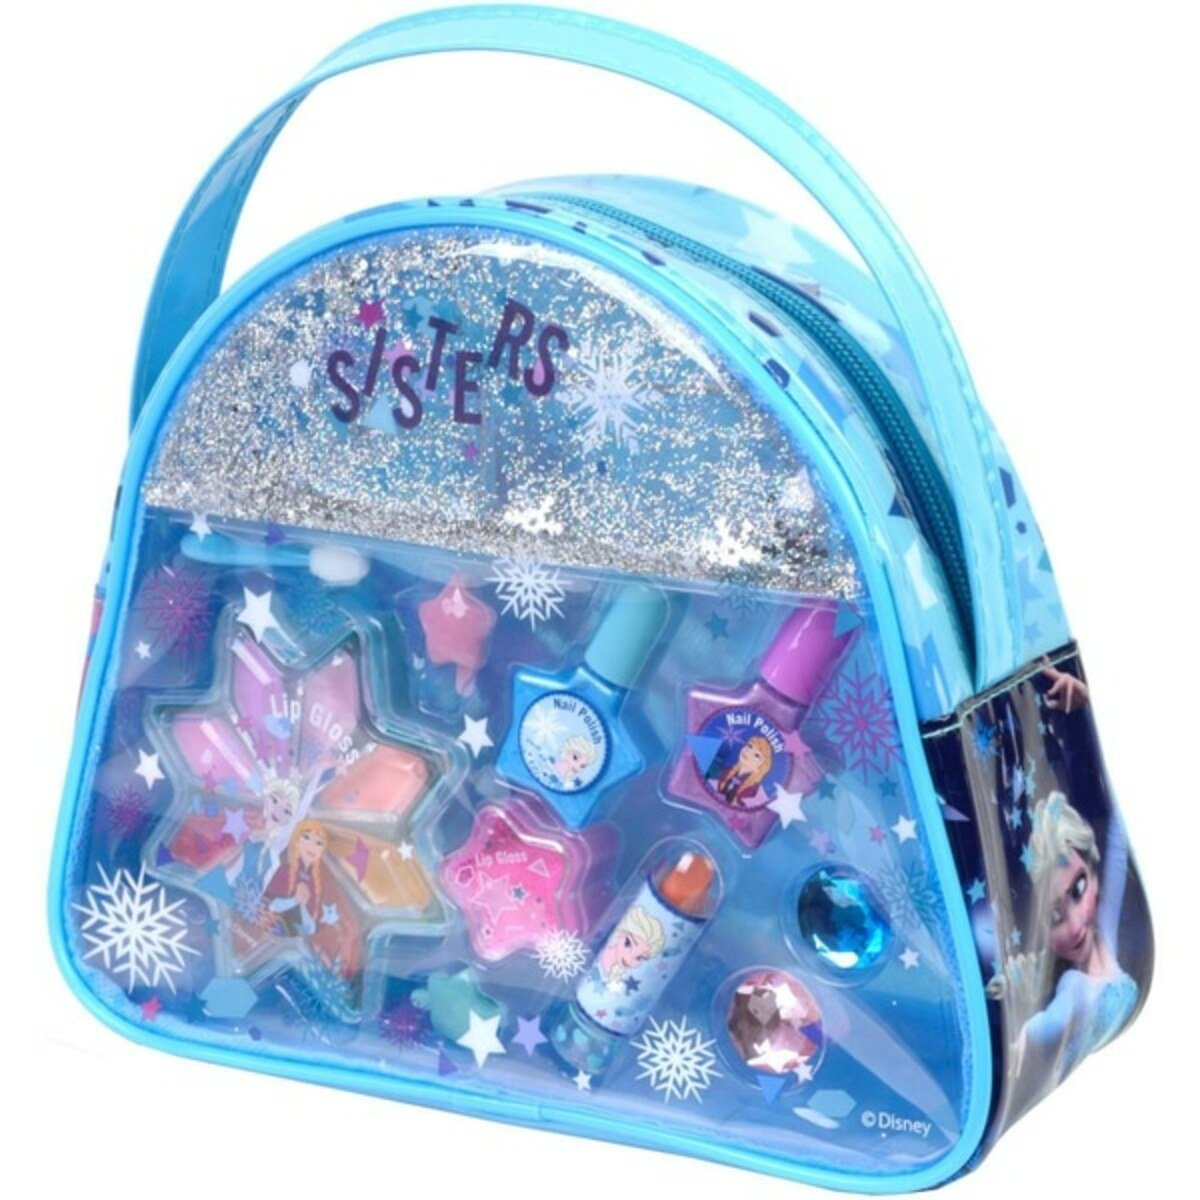 Bild 2 von Disney Die Eiskönigin - Snow Magic Beauty-Tasche